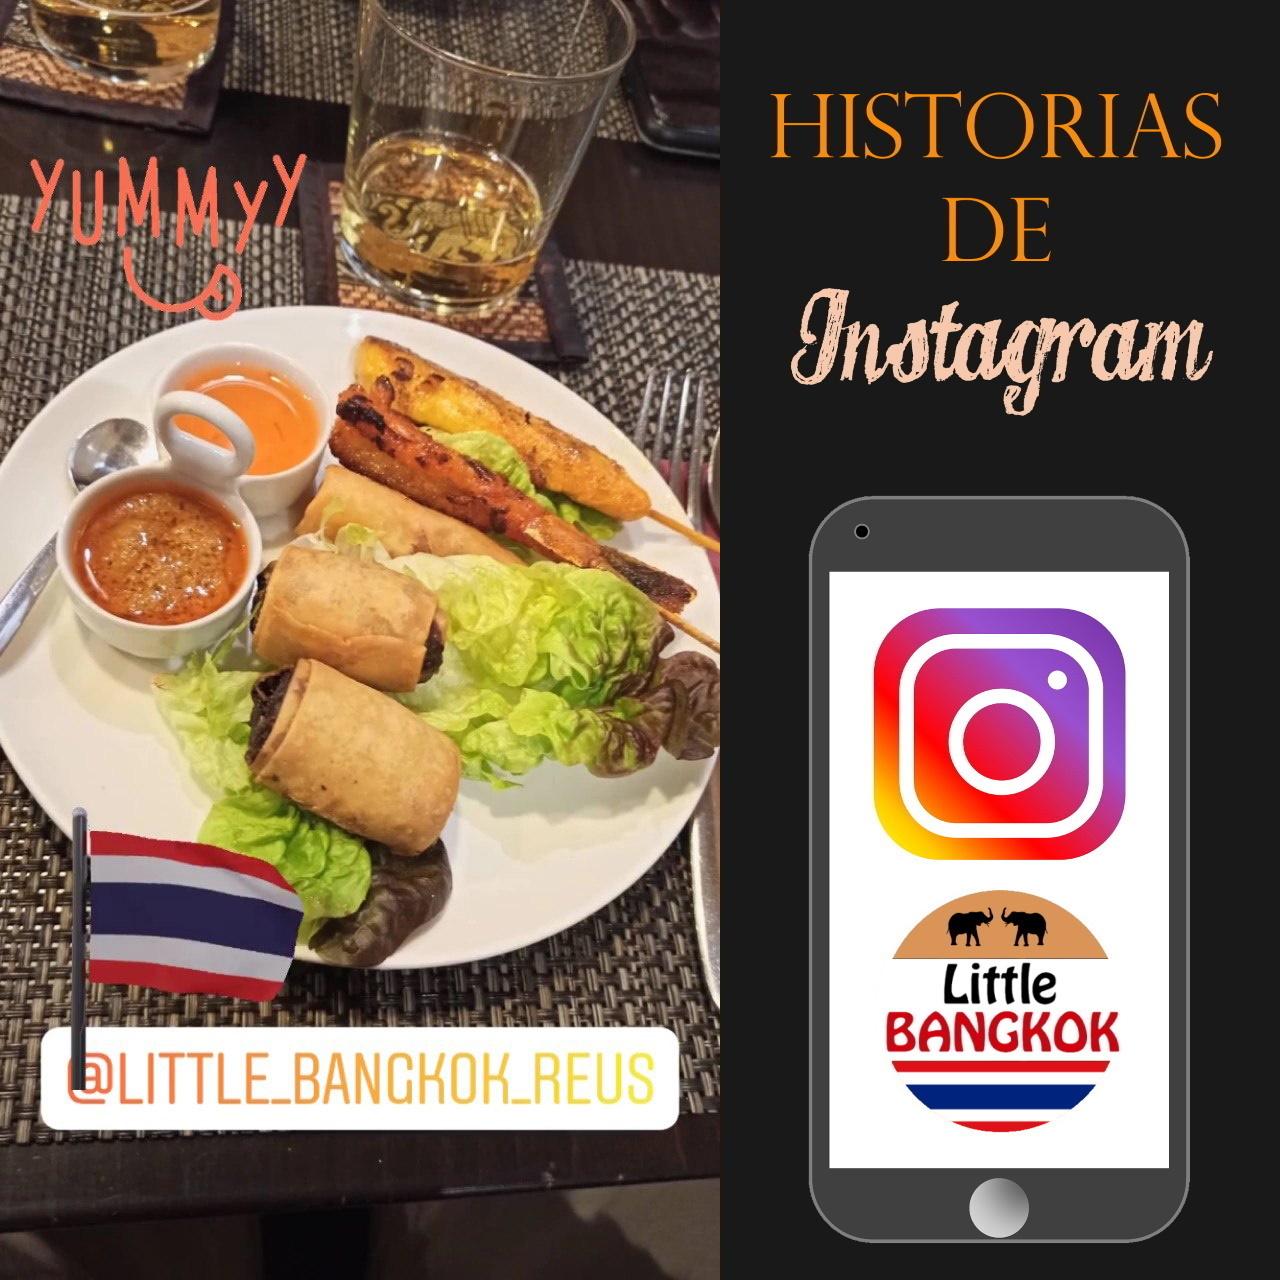 Historias de Instagram - Enero 1